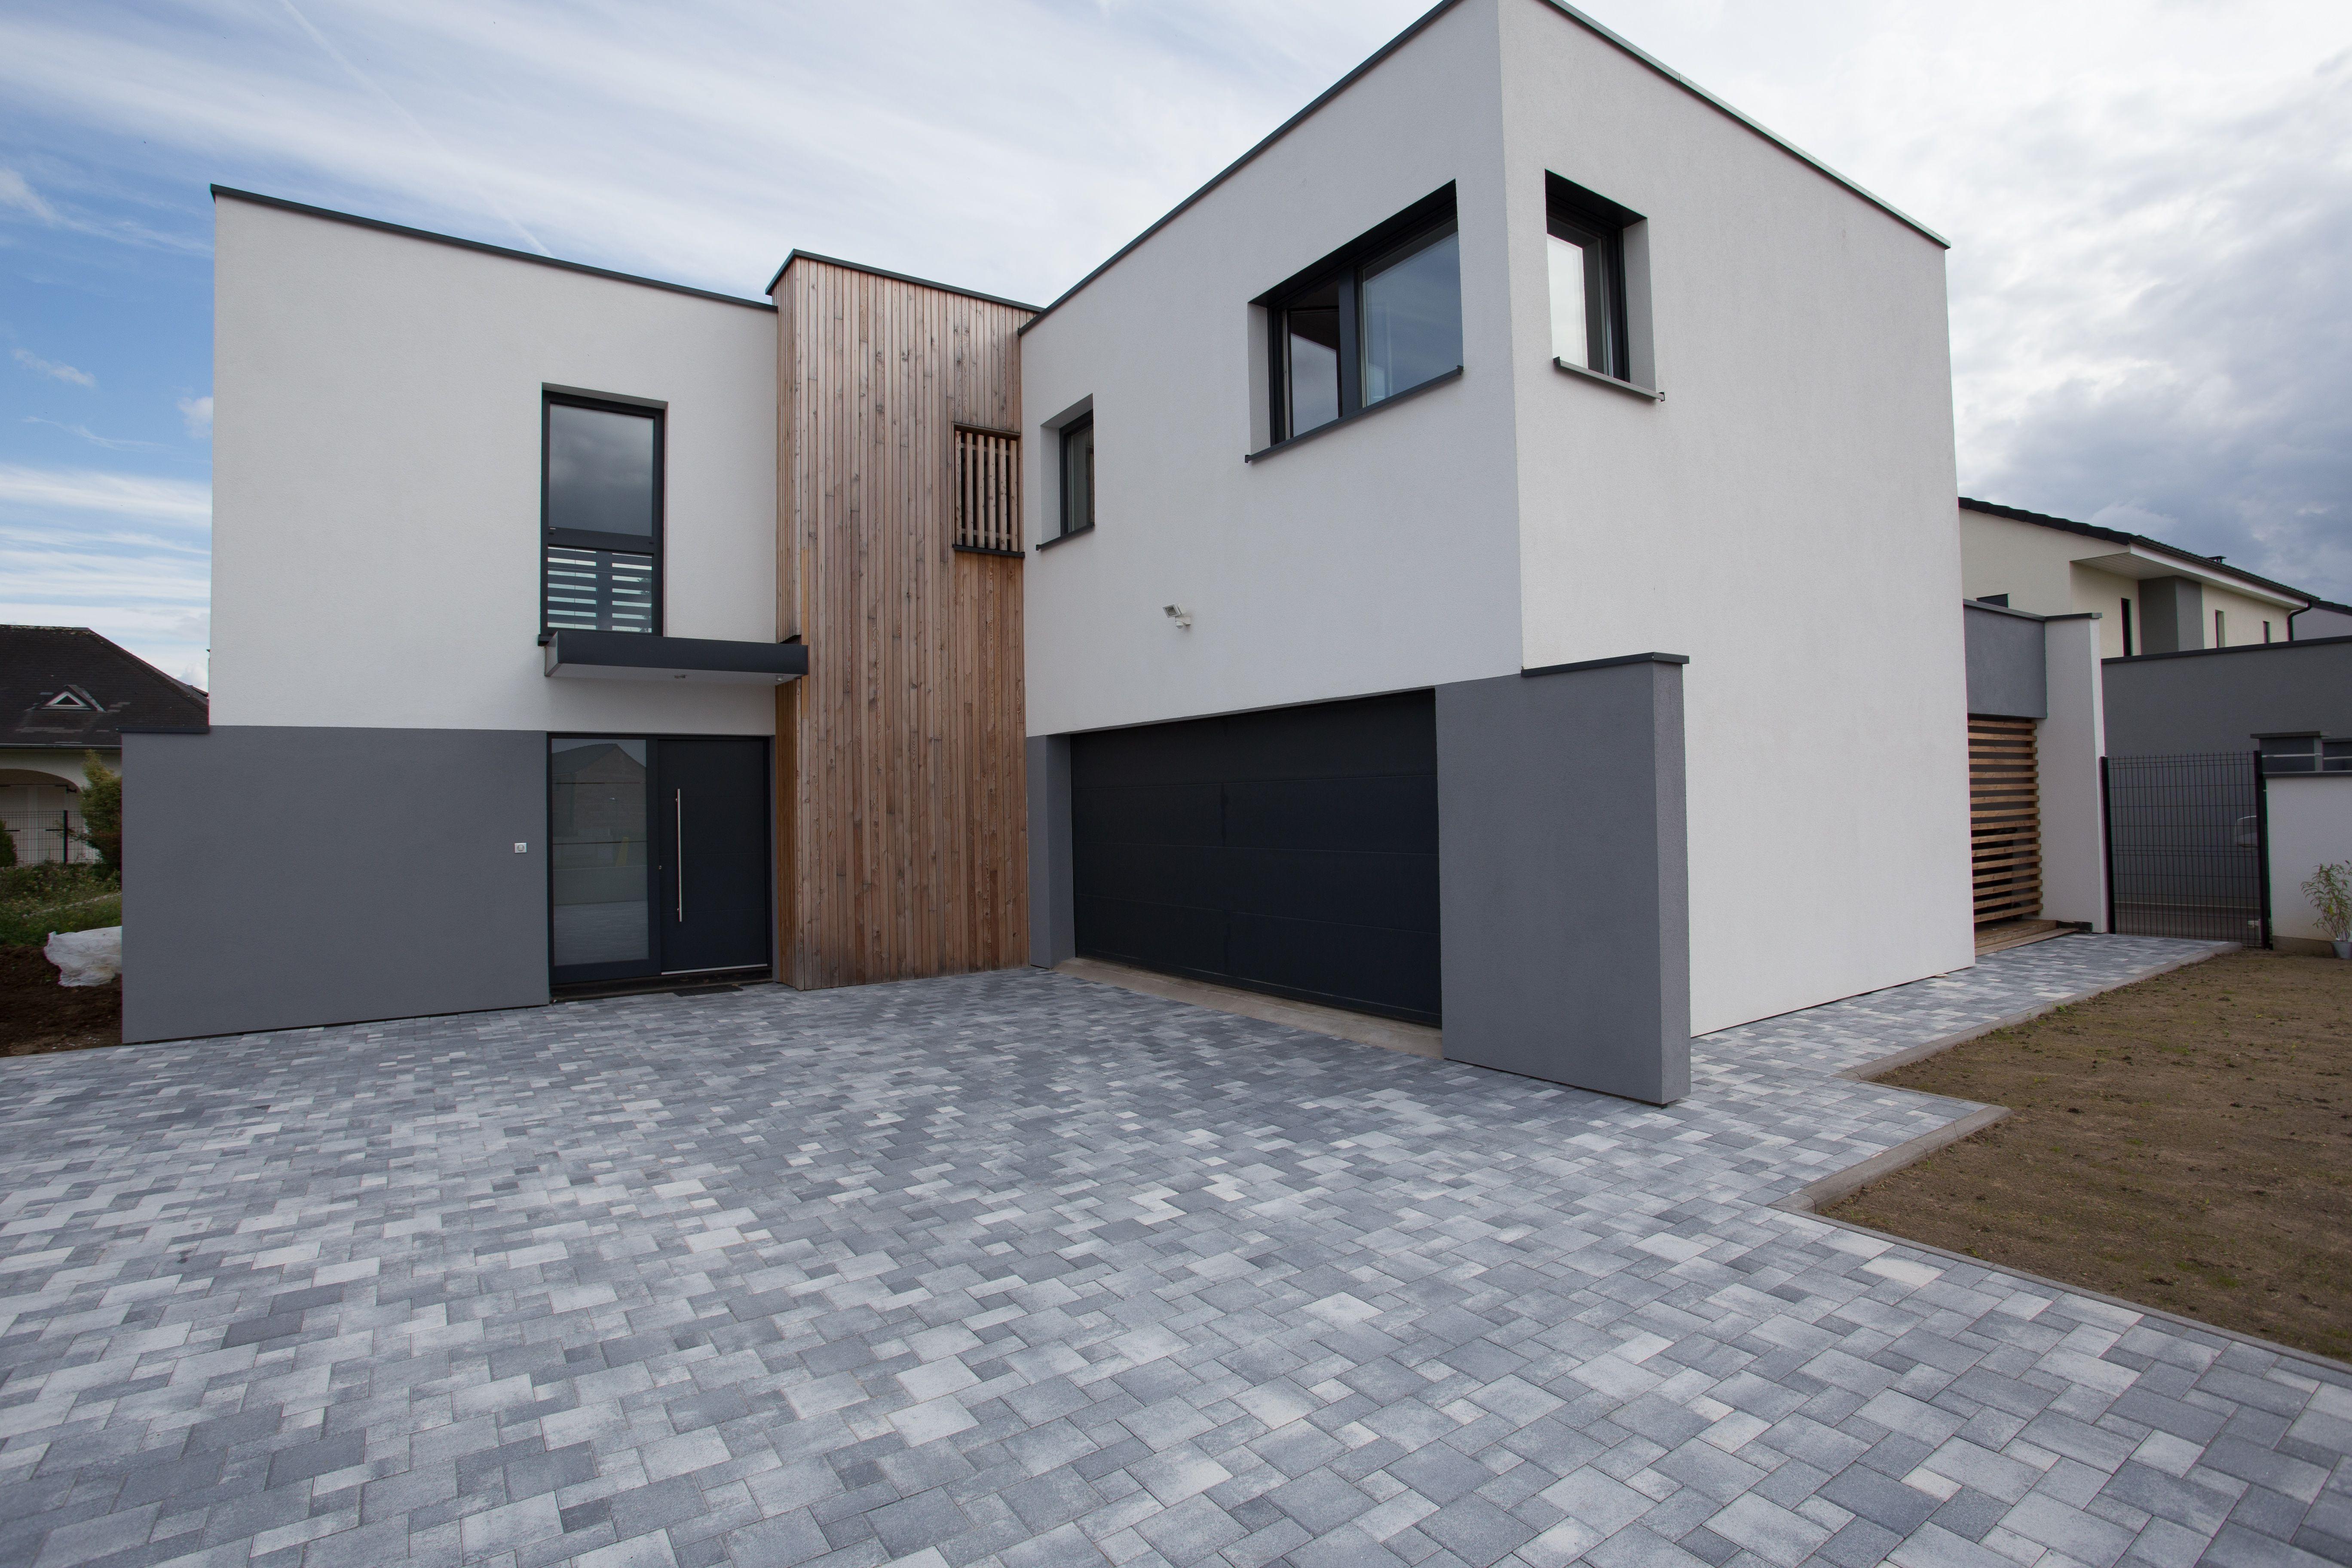 maison innov 39 habitat avec deux volumes et grande avanc e de la maison architecture sur mesure. Black Bedroom Furniture Sets. Home Design Ideas